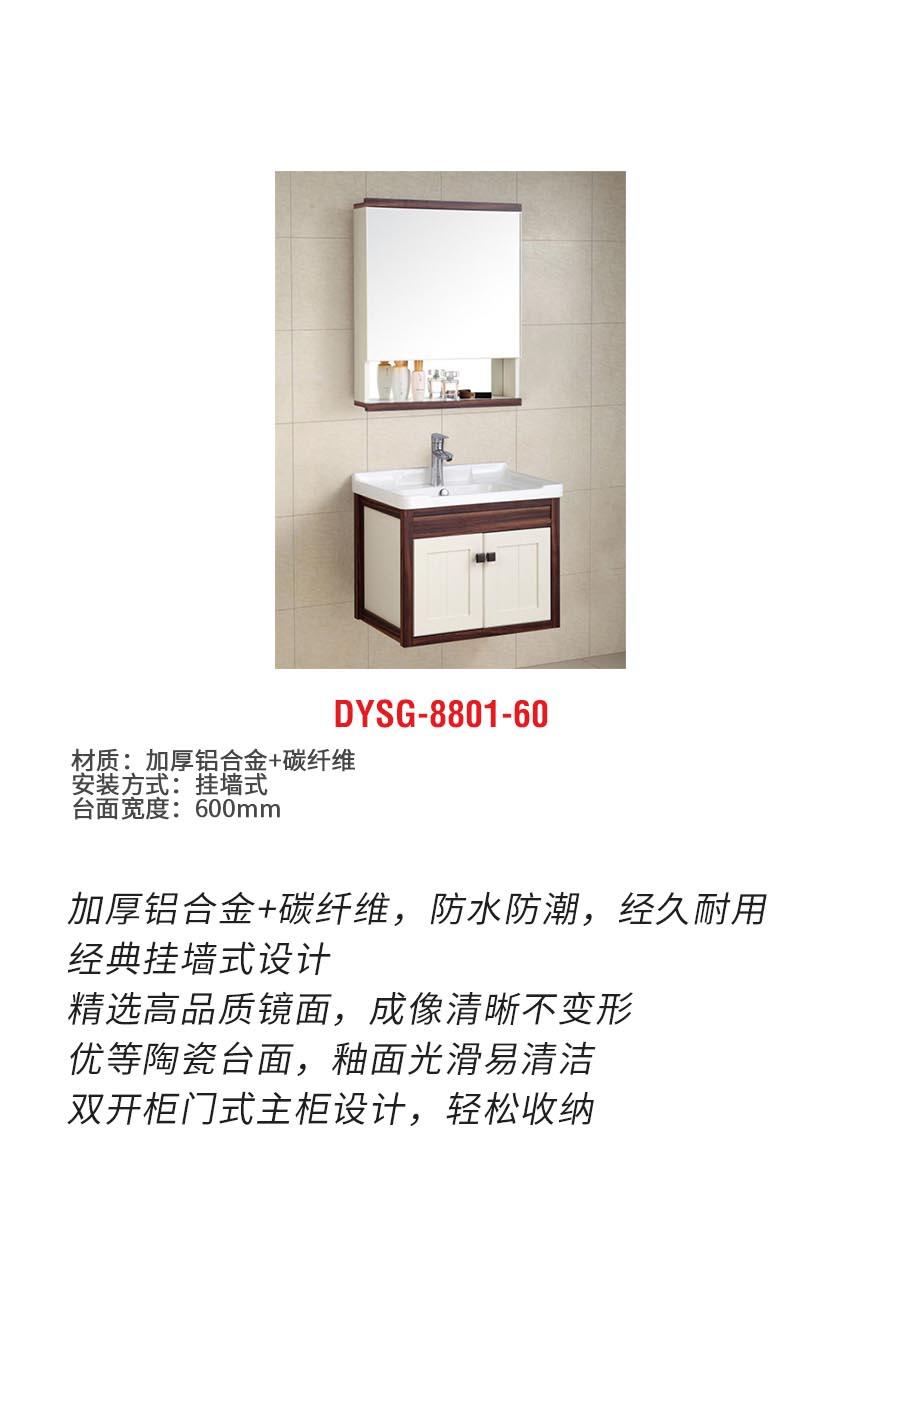 DYSG-8801-60b.jpg